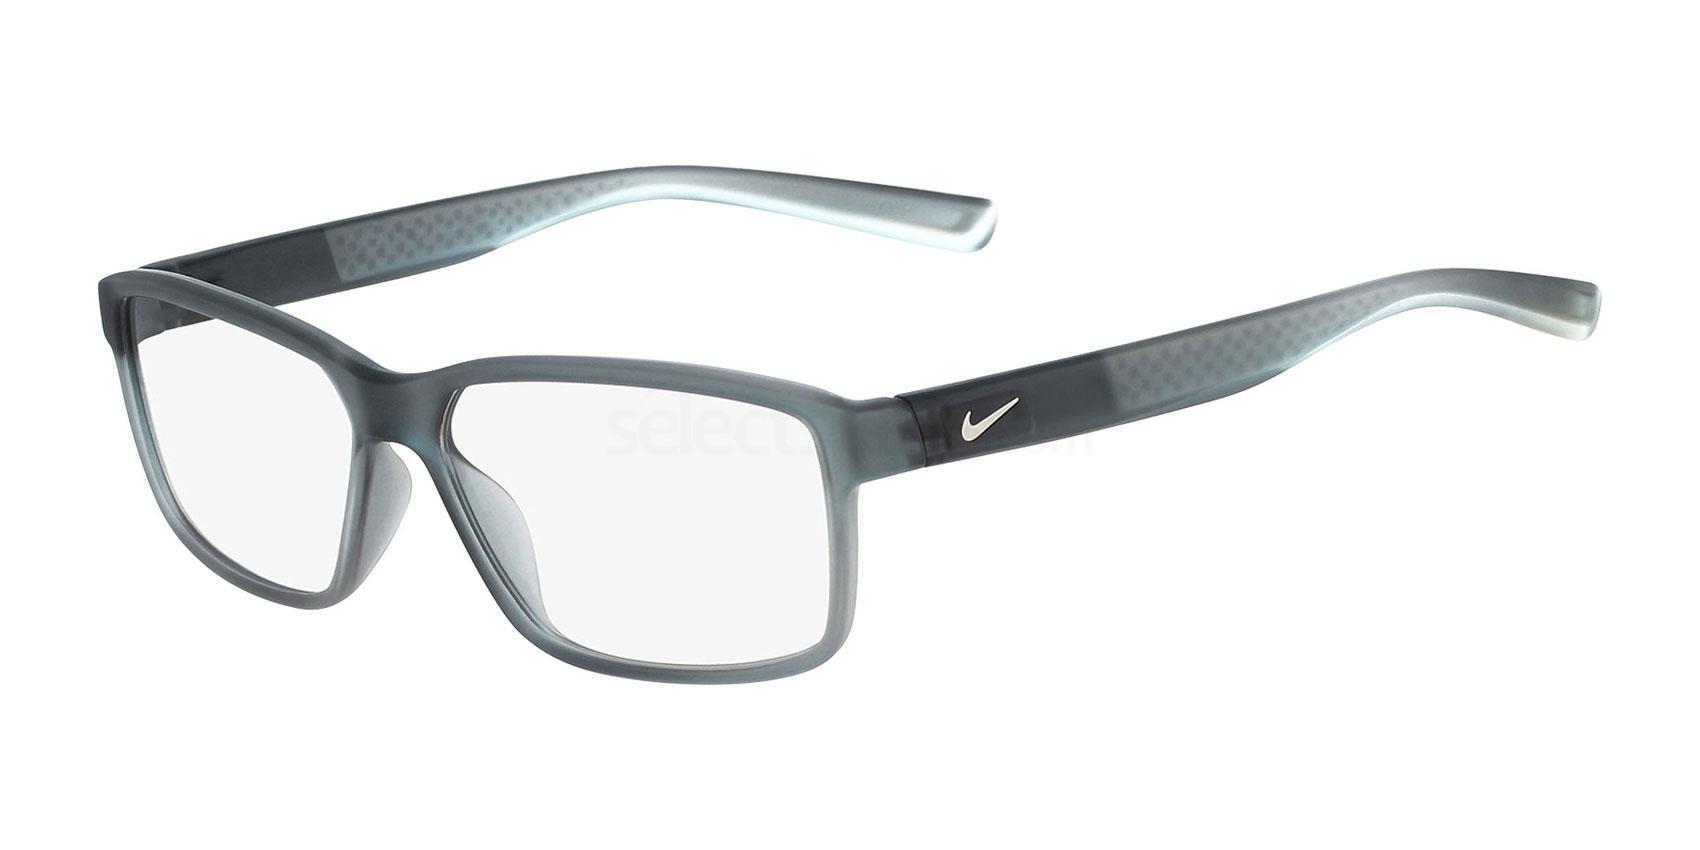 068 7092 Glasses, Nike